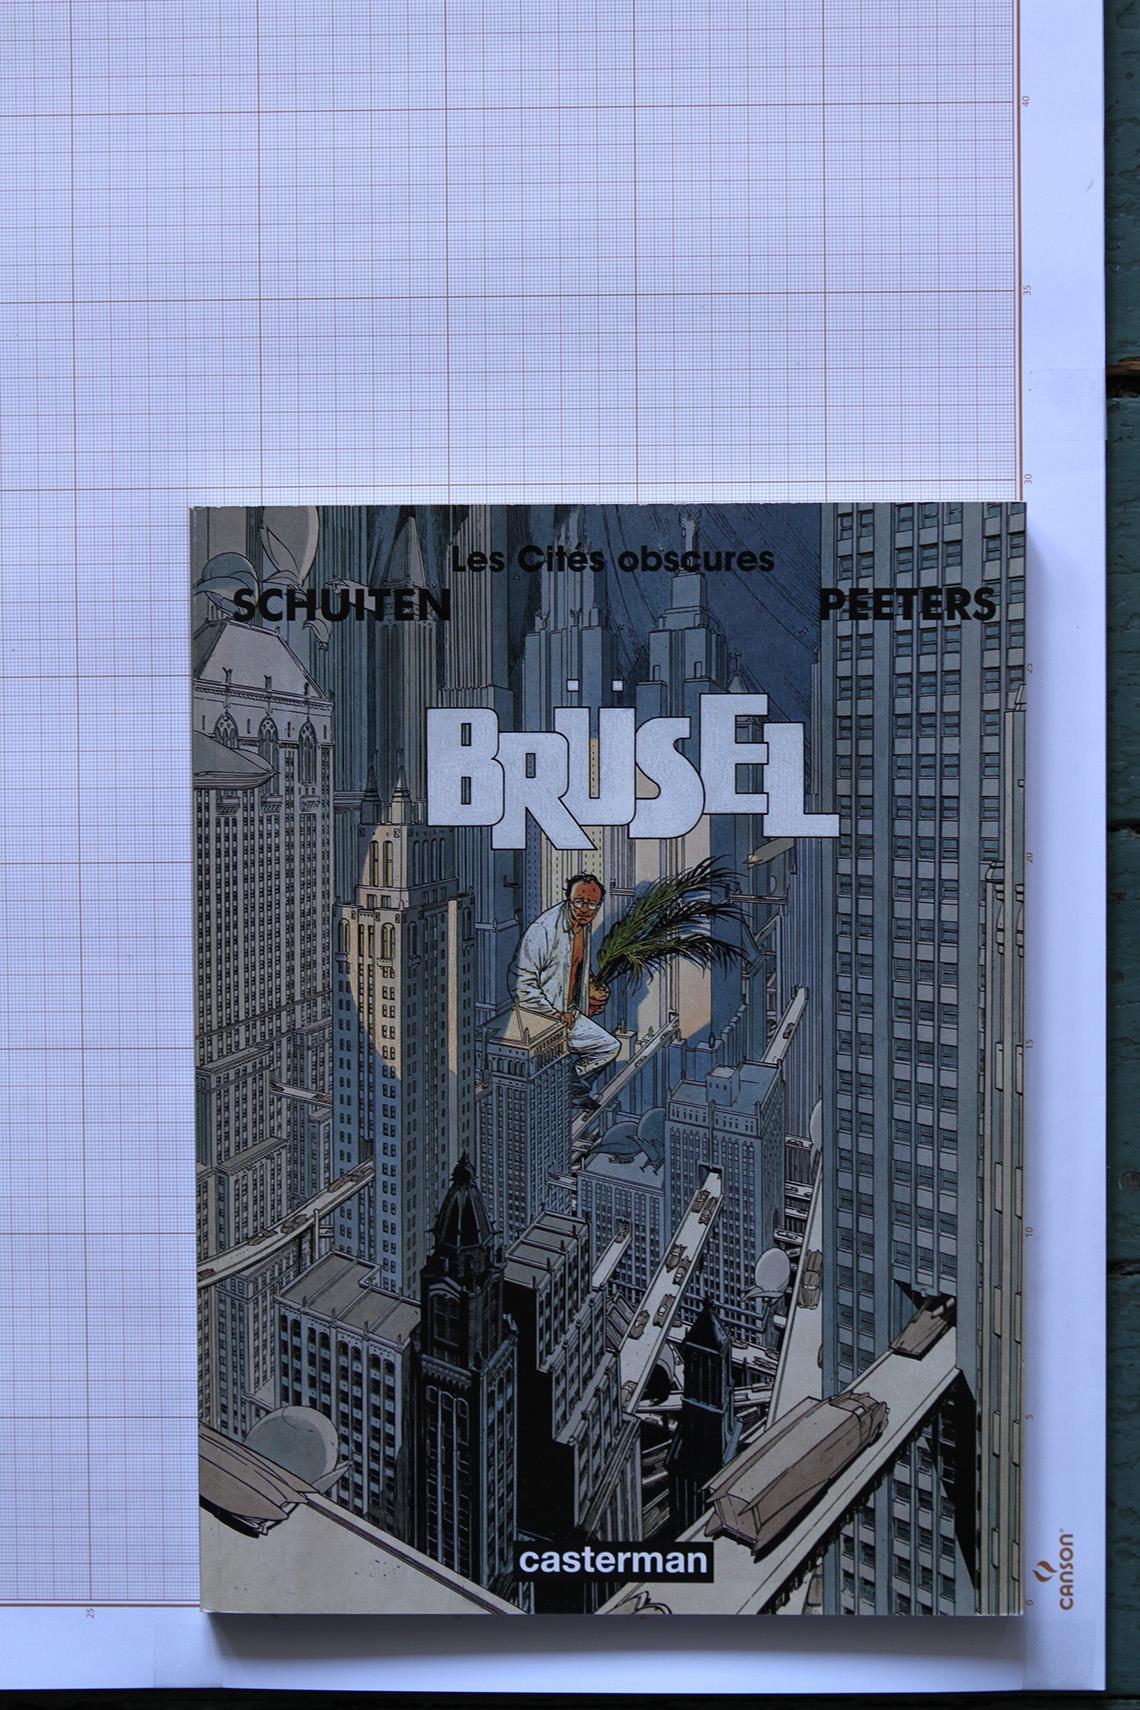 Brüsel, F.Schuiten & B.Peeters - Casterman© Maison Autrique, 1997